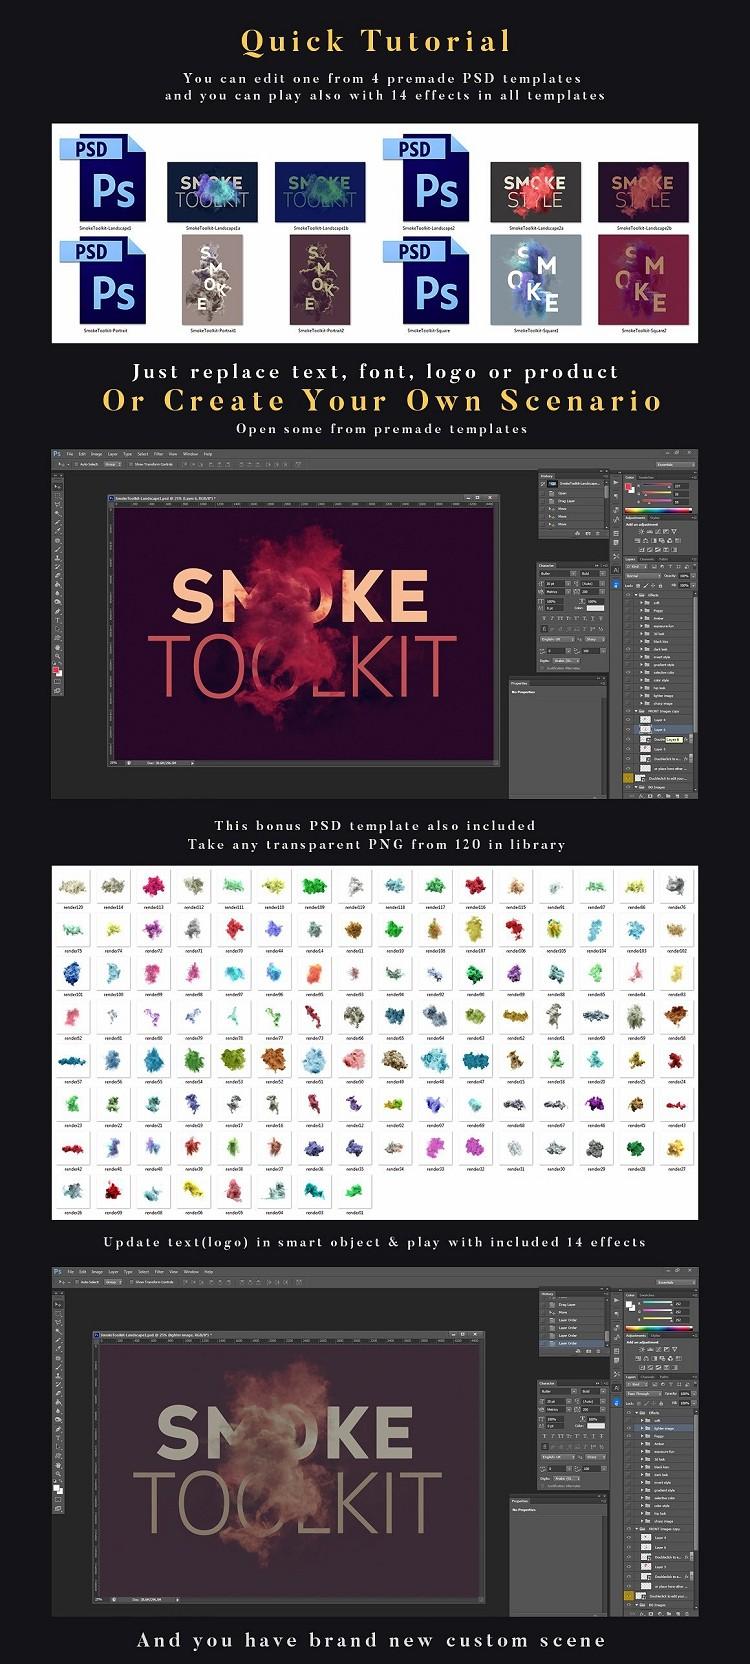 PS特效素材 上百款彩色烟雾时尚特效工具包下载 包含pat和abr